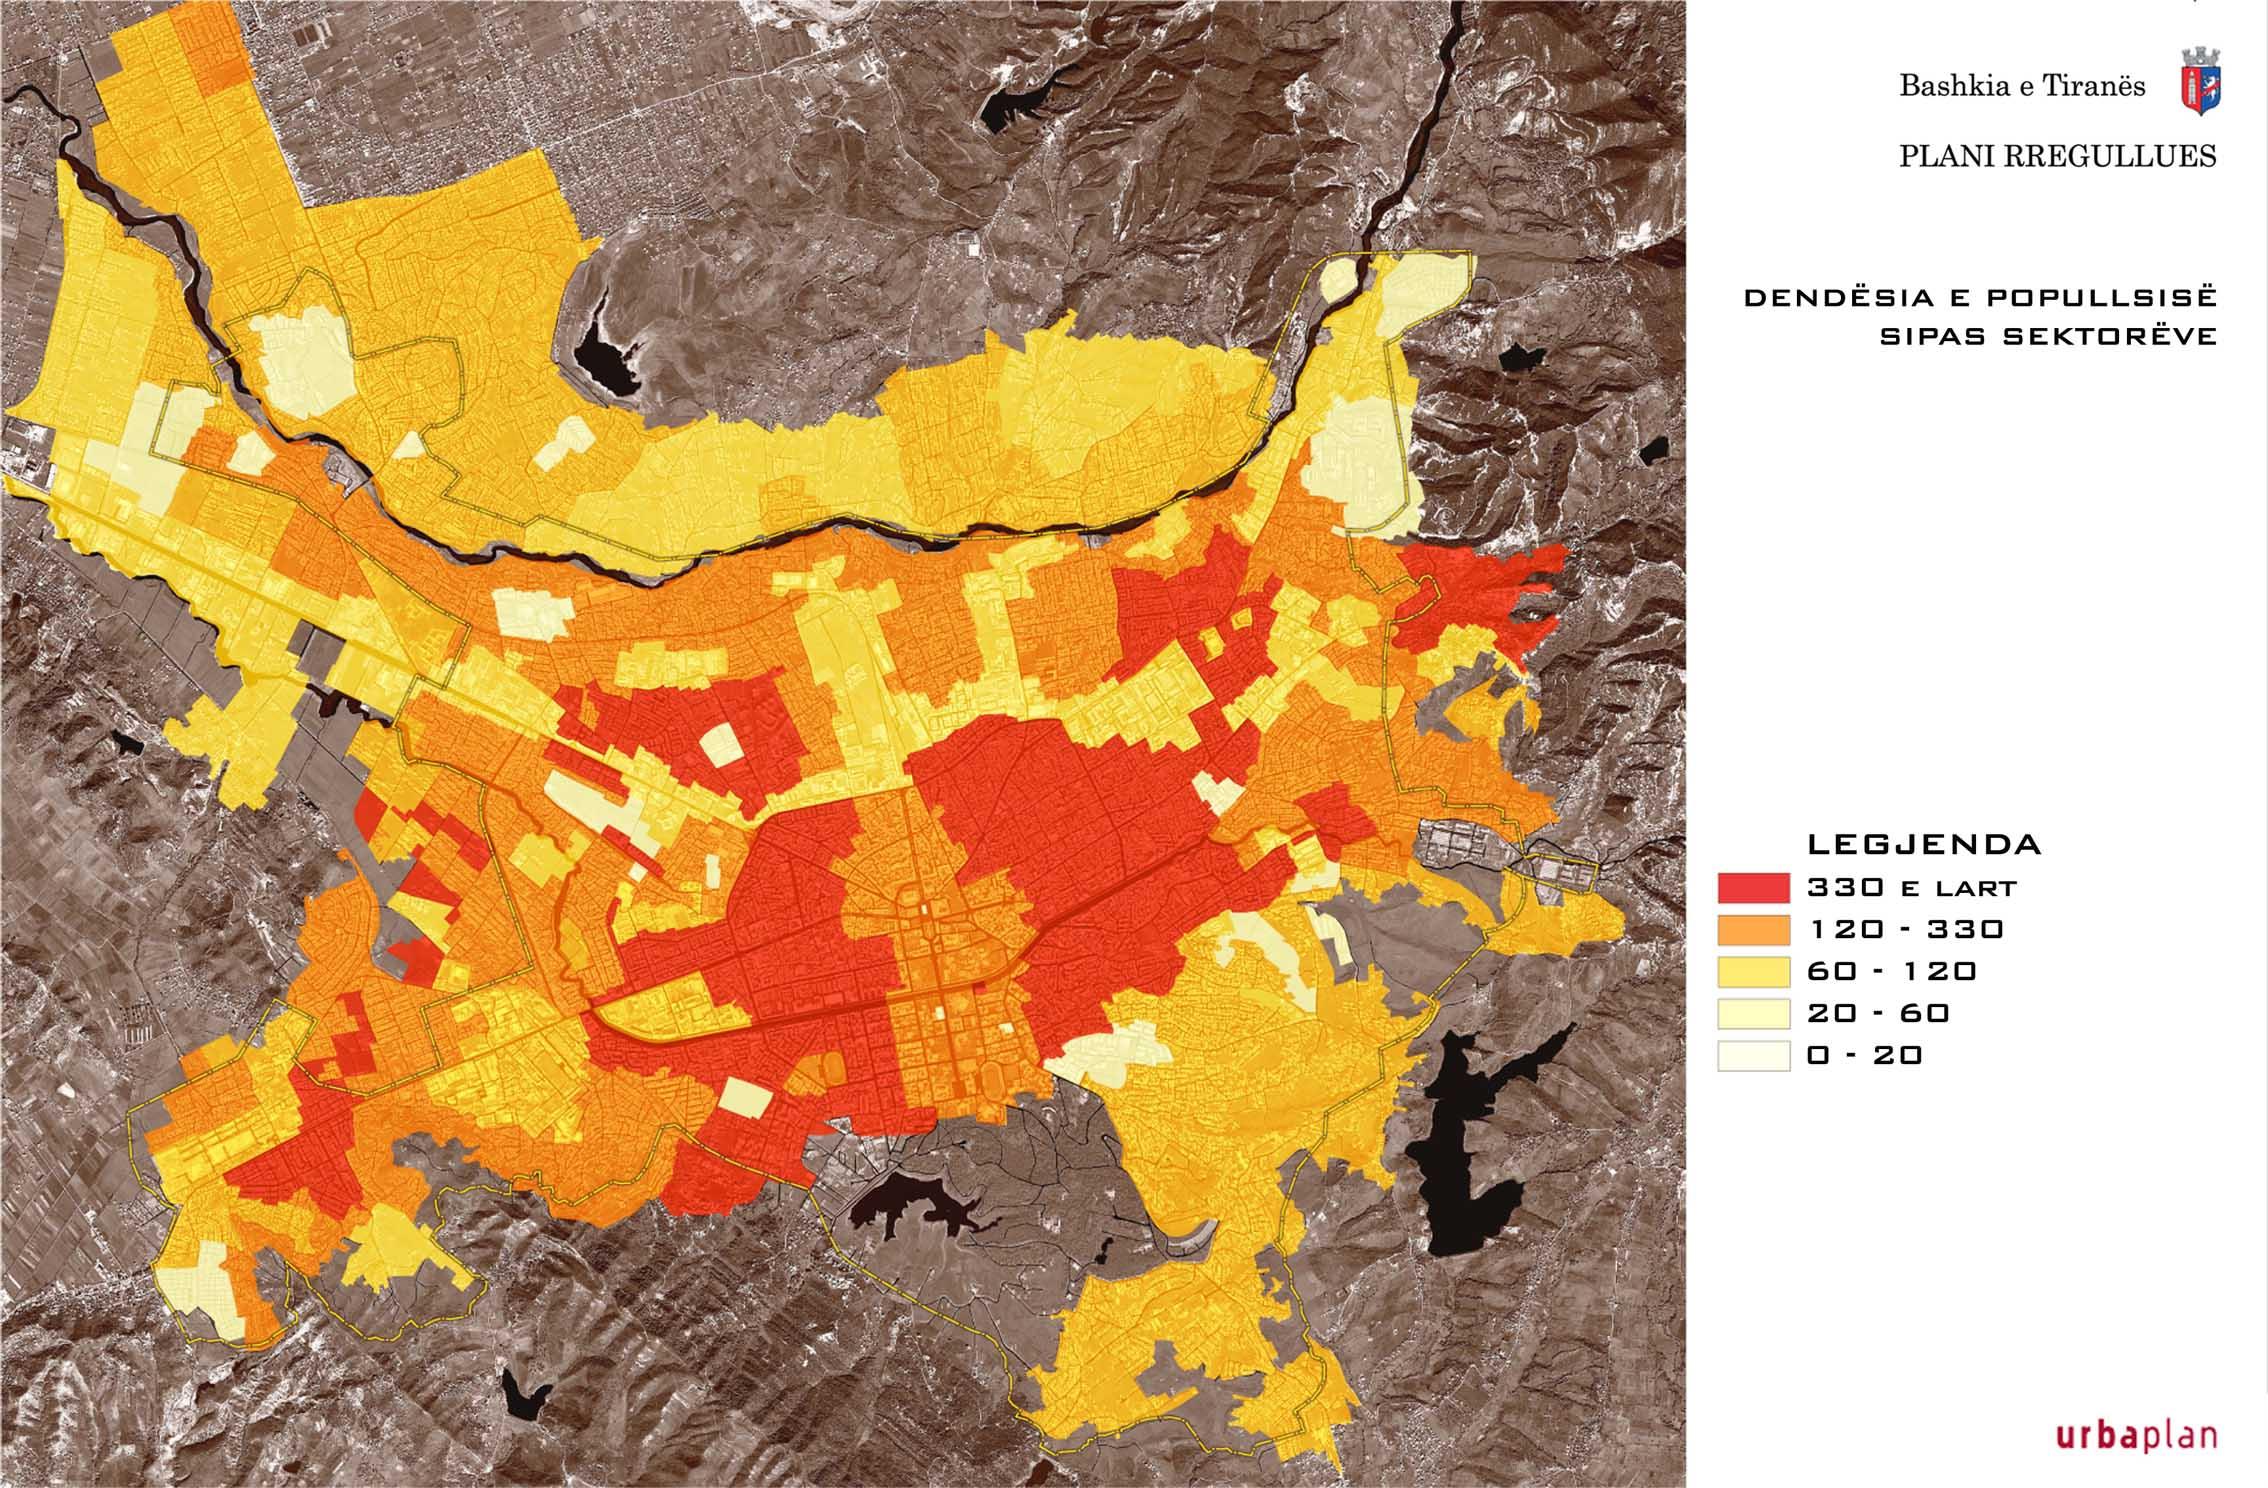 Densidad de población de Tirana